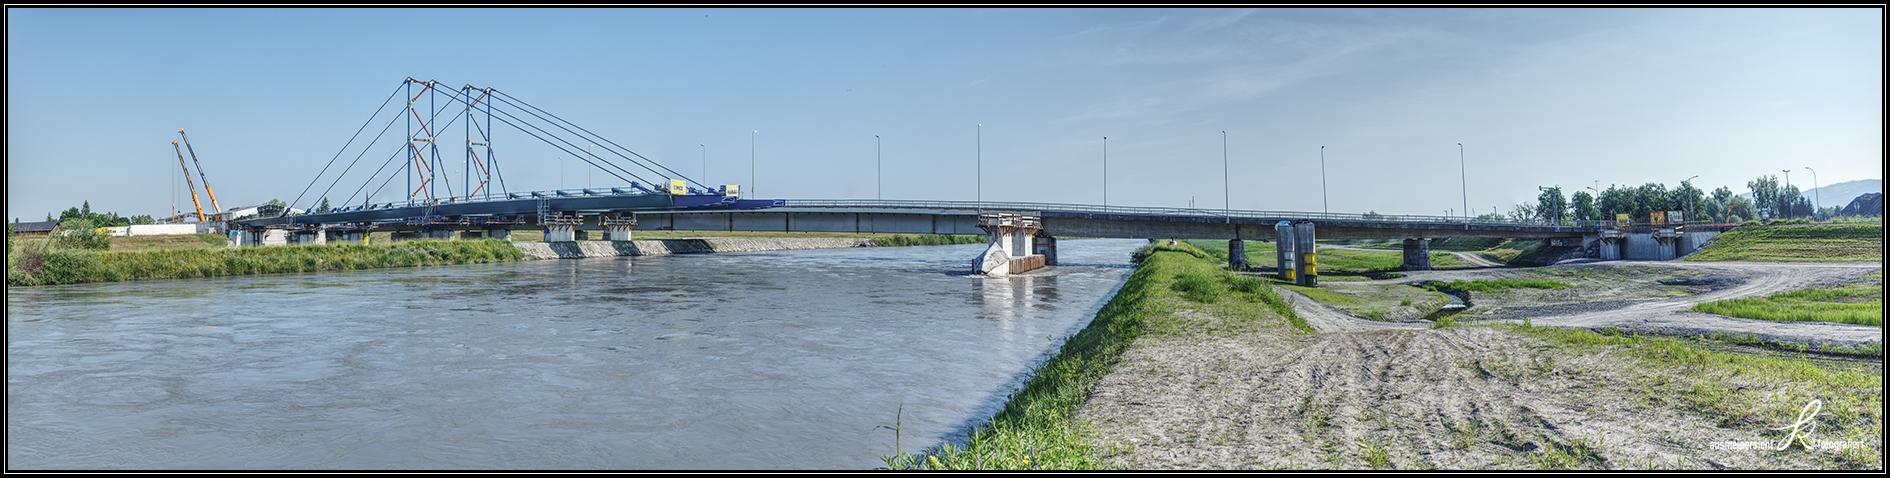 18.06.2021 Einschubteile kurz vor der Rheinüberquerung, Hilf-Pfeiler Damm